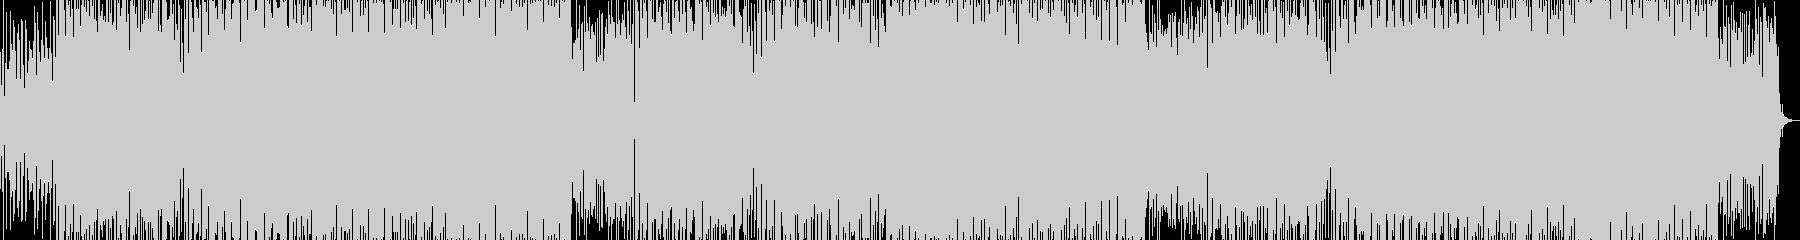 春麗らかなほのぼのゆったりエレクトロaの未再生の波形